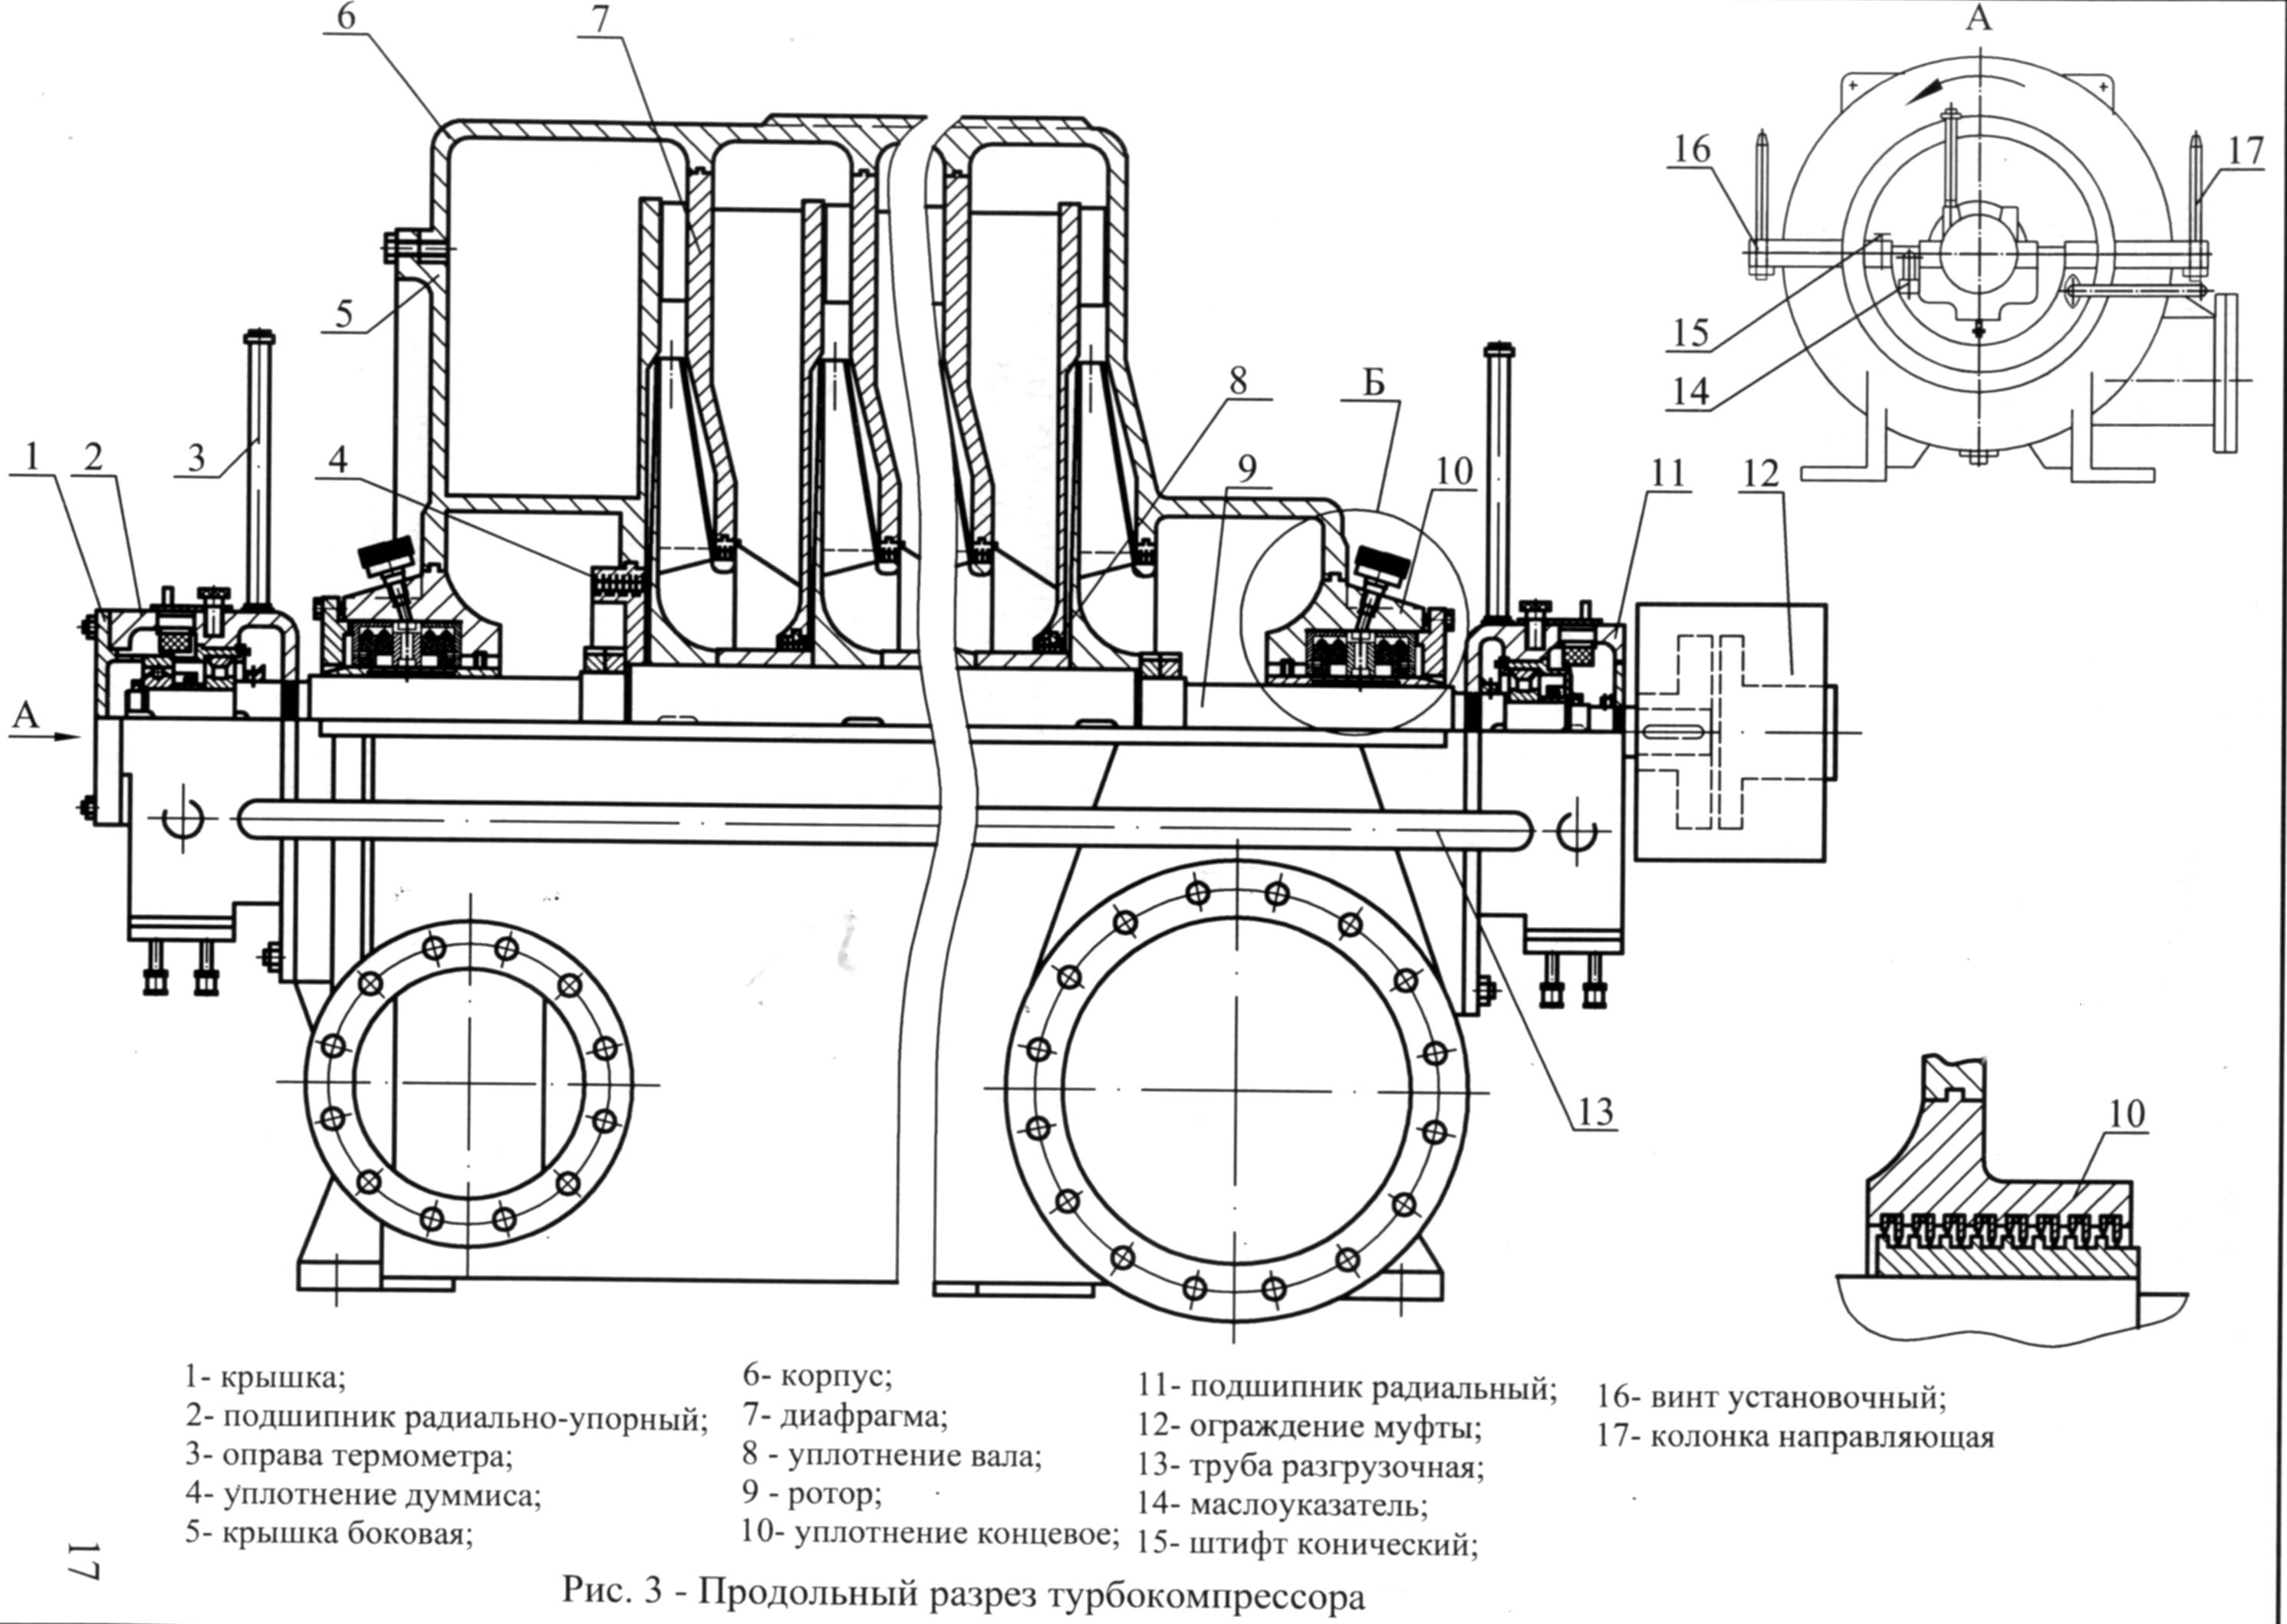 Список запасных частей турбогазодувки ТГ-170-1,7